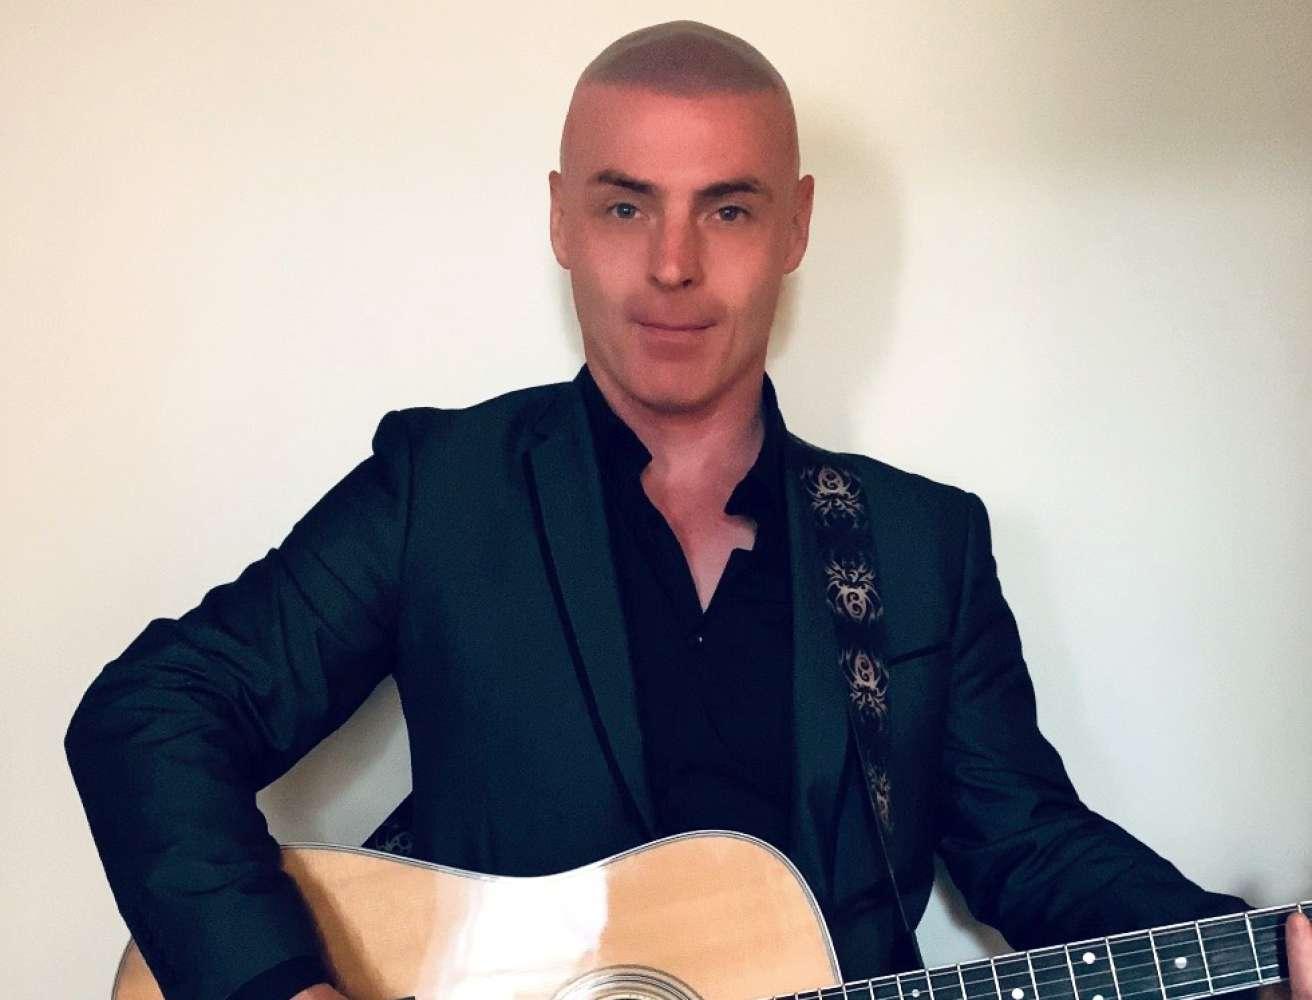 David paul guitar